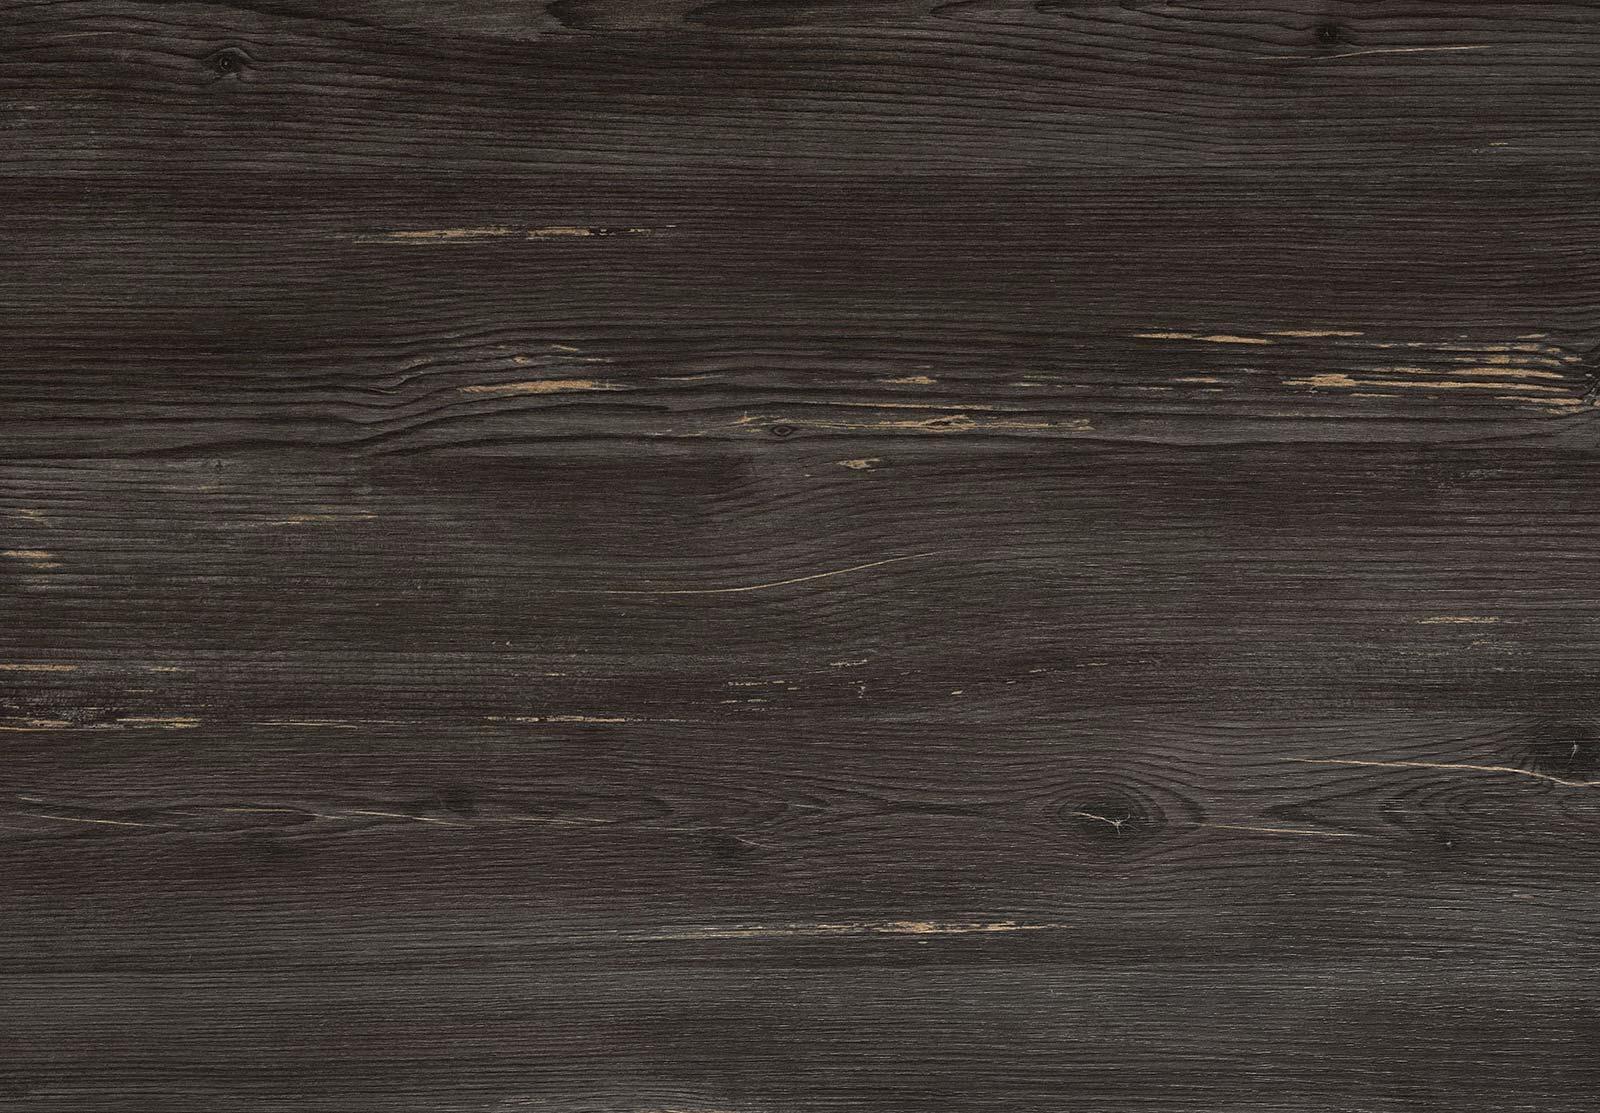 Pannelli alfawood - Pino Scuro 9320